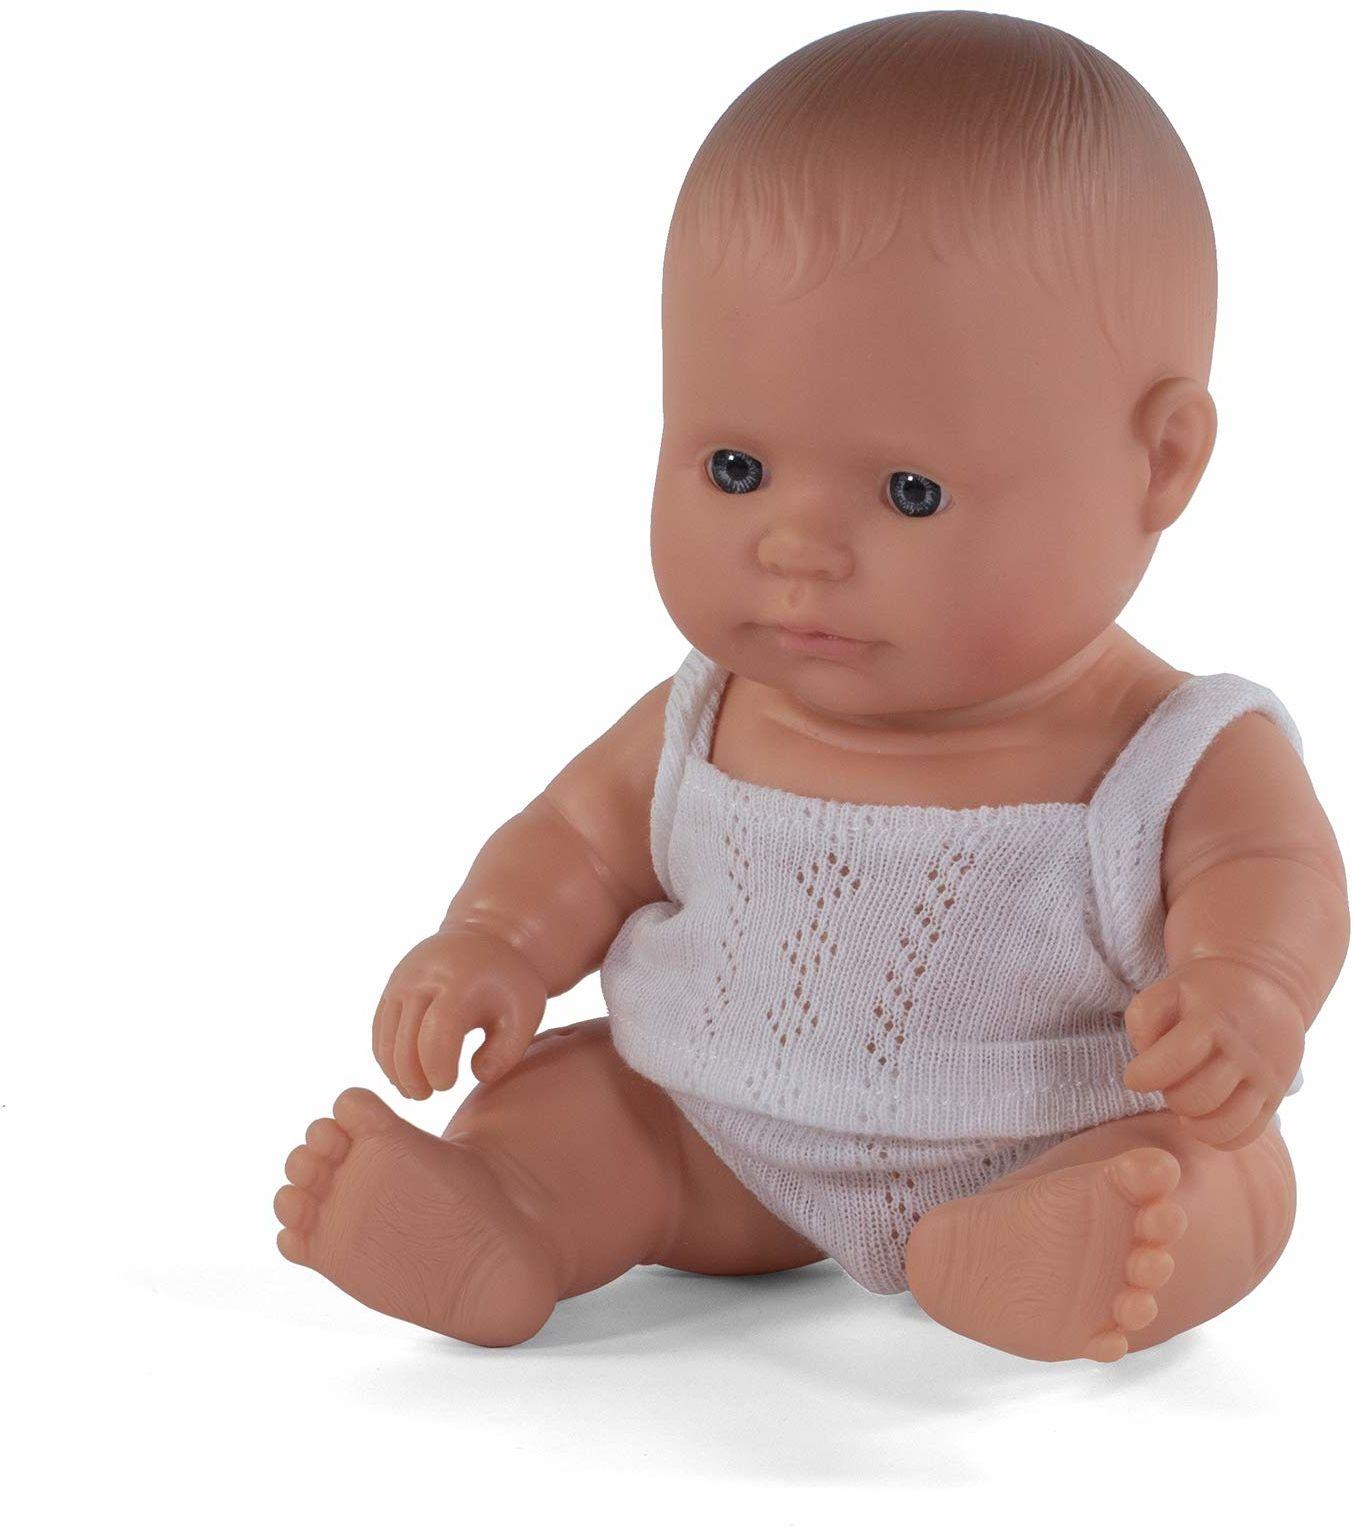 Miniland Miniland31121 lalka dla niemowląt europejski chłopiec mały, wielokolorowa